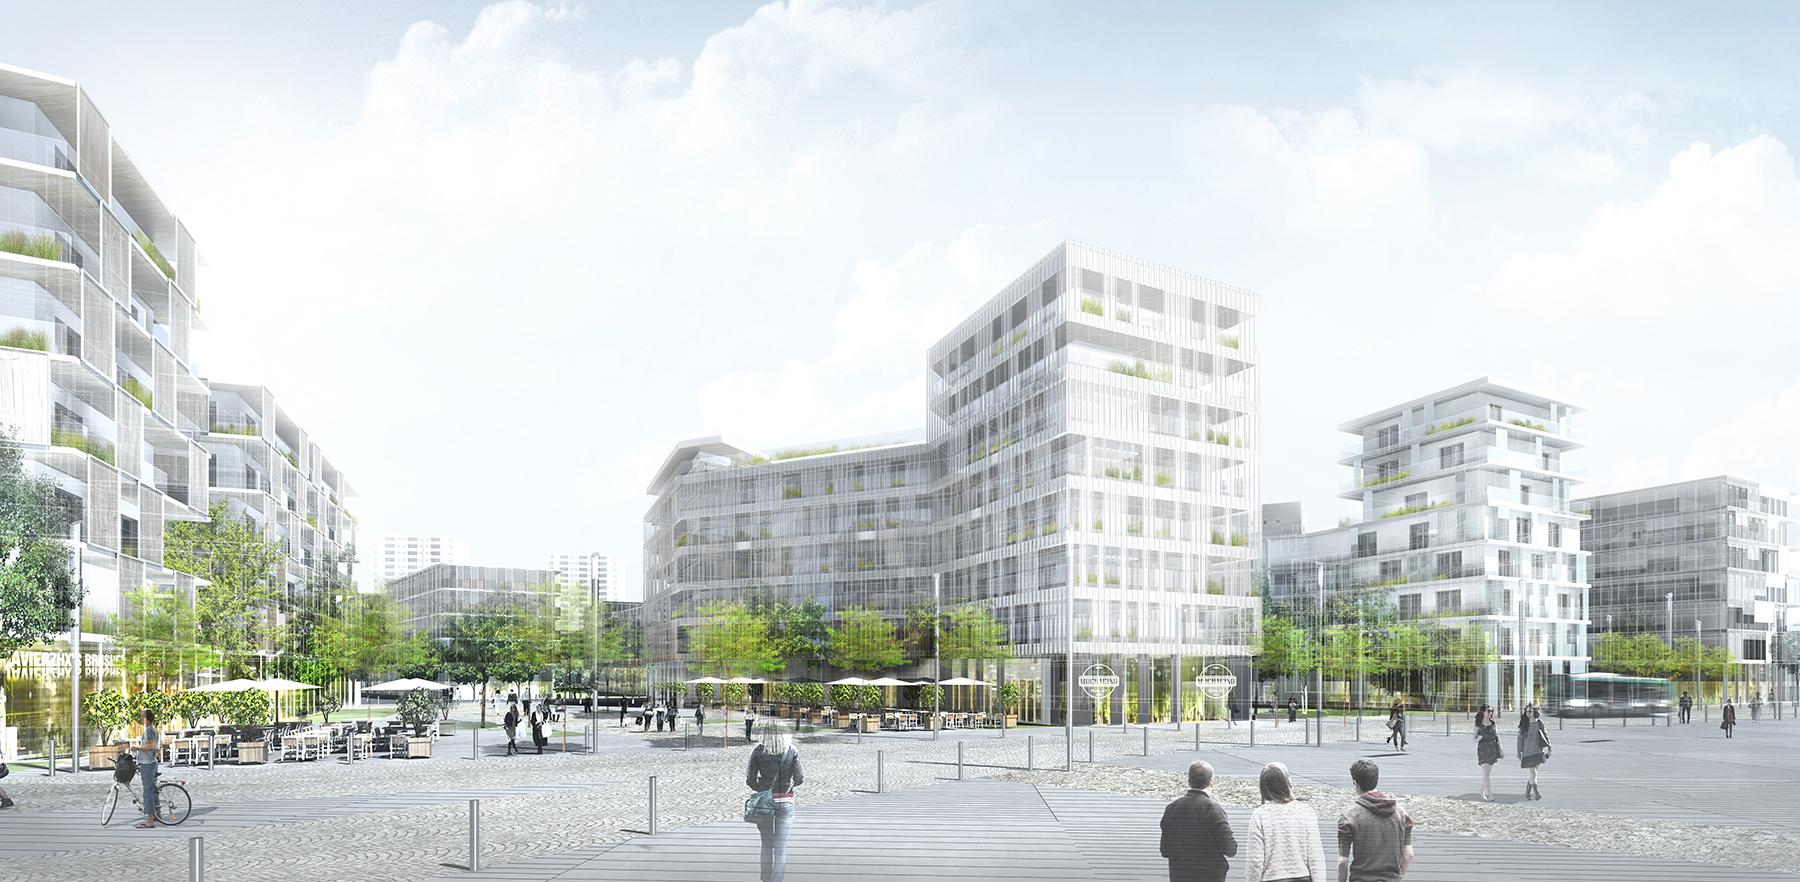 INTERSENS - ARC.AME - Etude urbaine - La Haye Les Roses - Image d'Architecture 3D